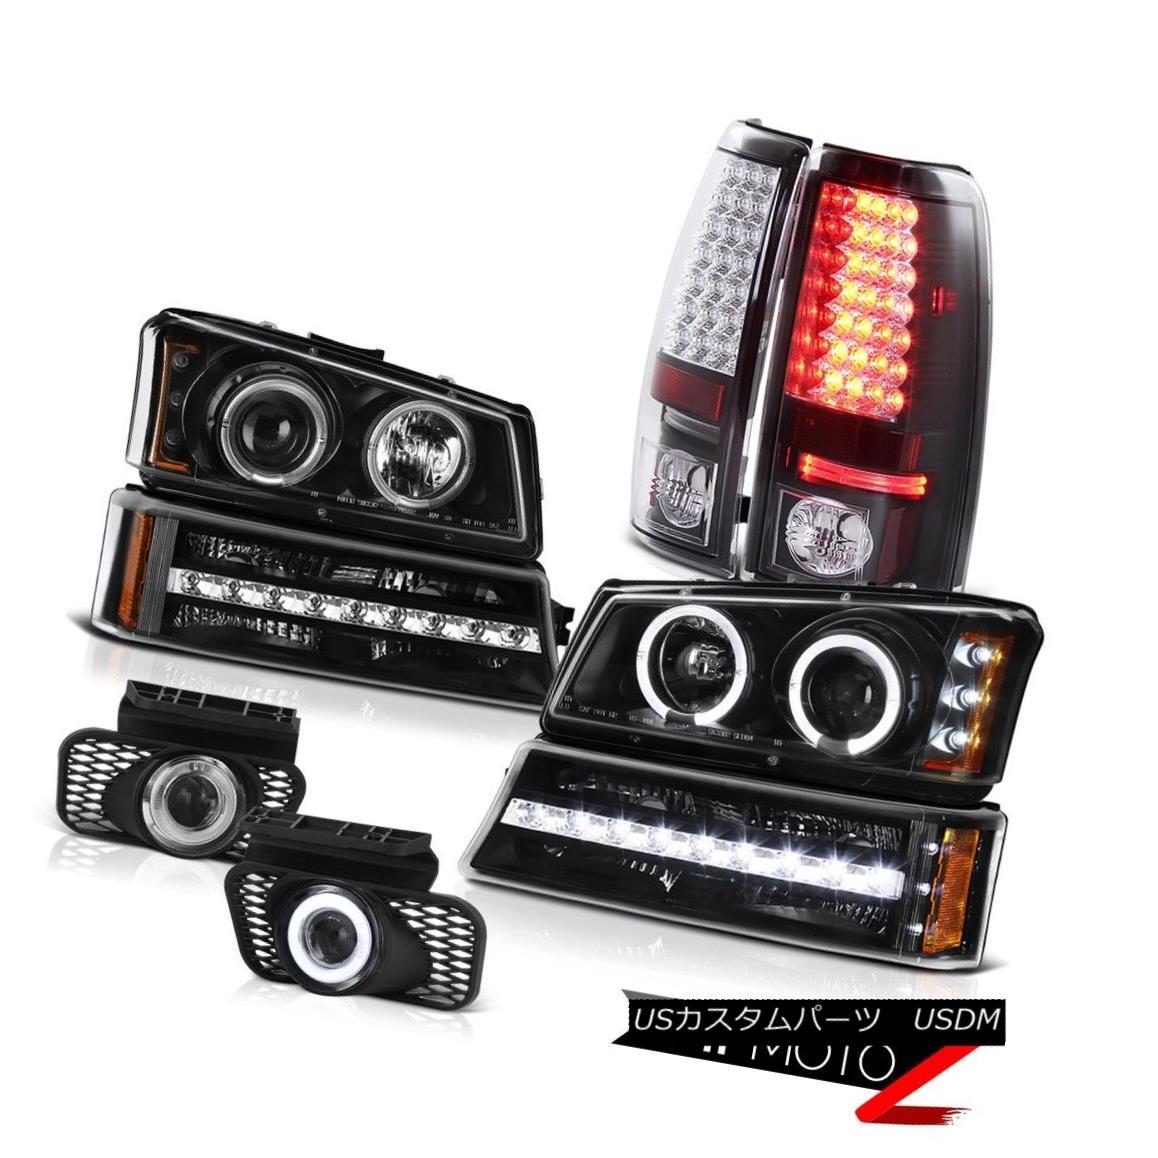 テールライト 03 04 05 06 Silverado 2500HD Fog lamps inky black tail parking light Headlights 03 04 05 06 Silverado 2500HDフォグランプ黒い尾のパーキングライトヘッドライト